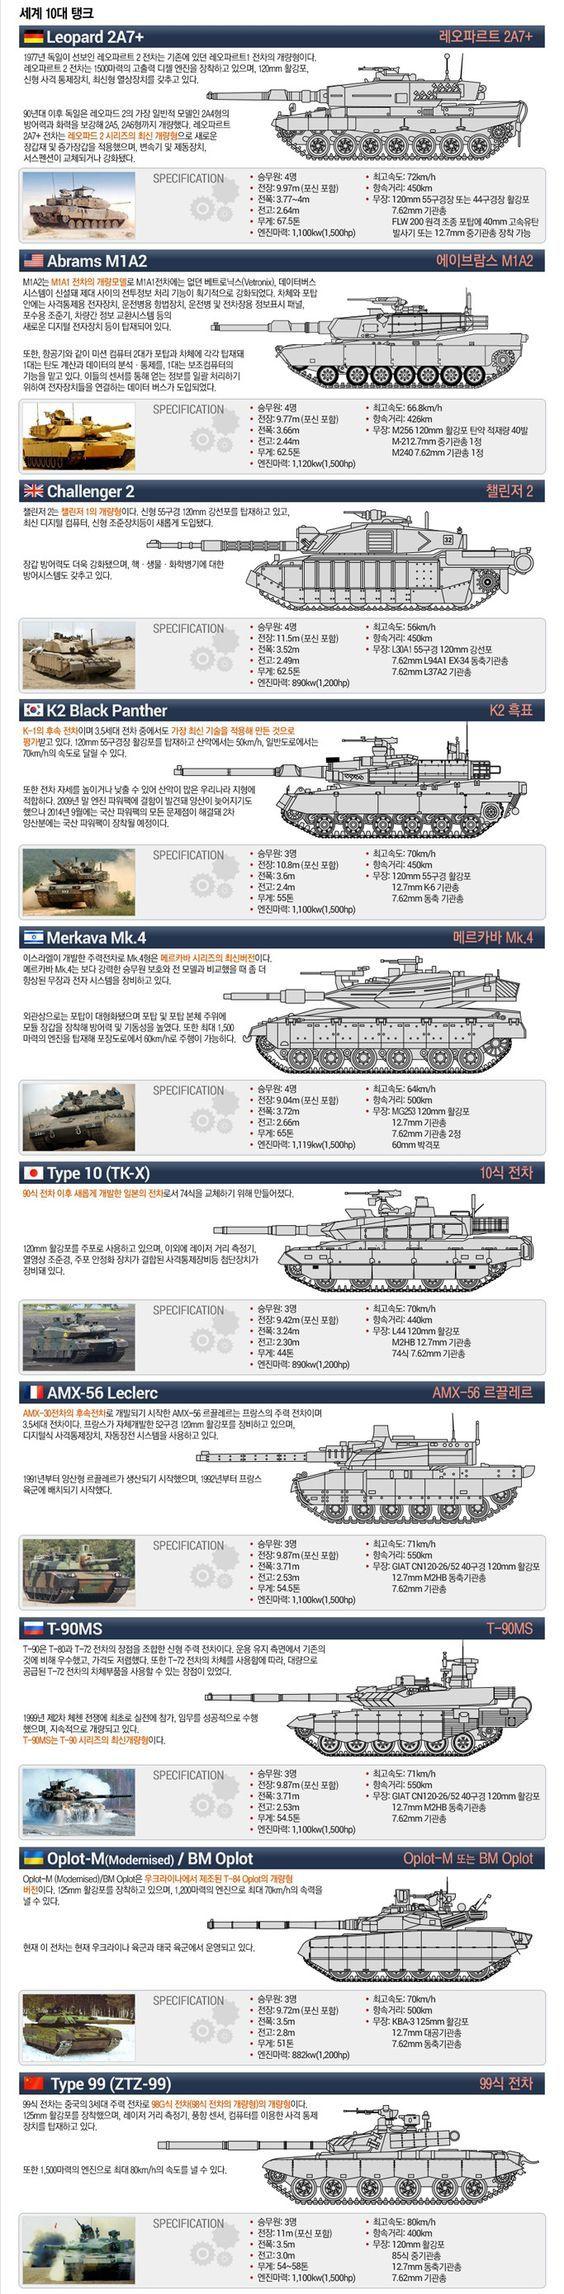 세계 10대 탱크.jpg   Daum 루리웹: